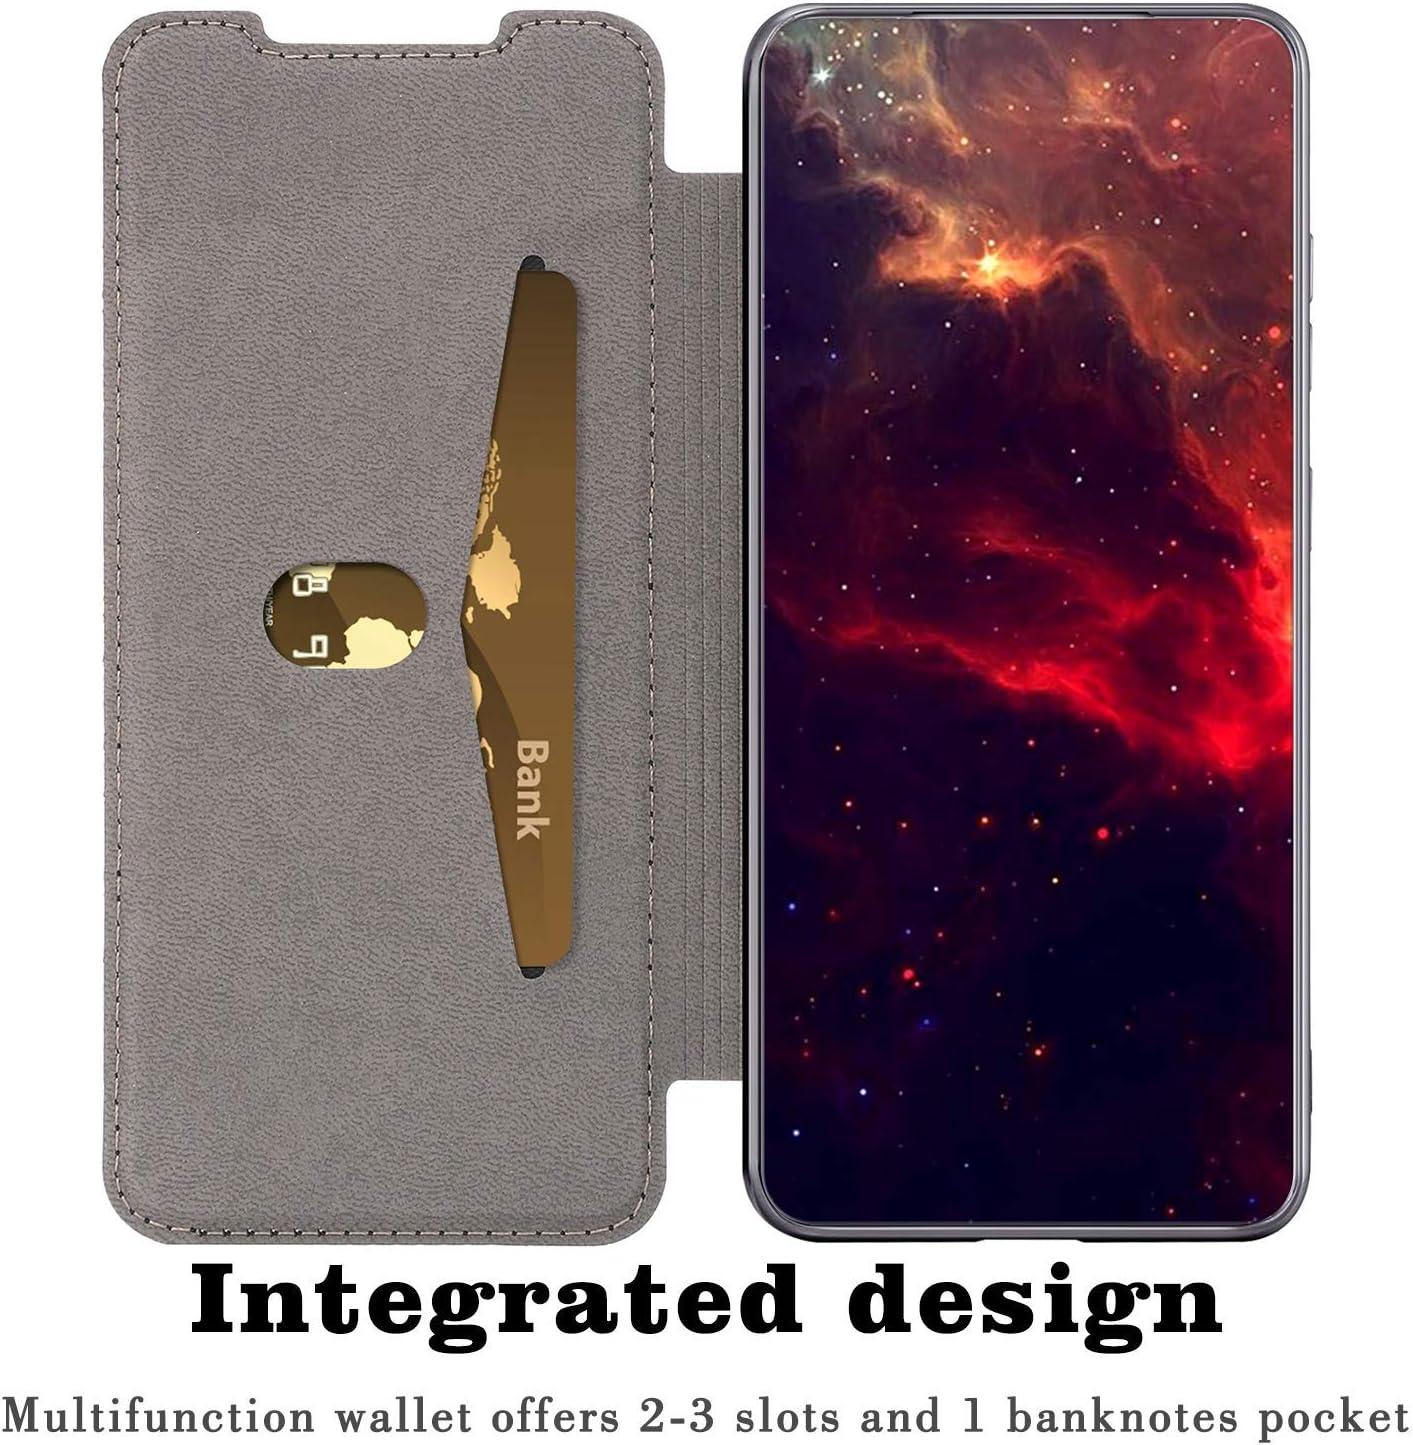 Glitzer H/ülle f/ür Samsung Galaxy A71 H/ülle Ledertasche,Galaxy A71 Lederh/ülle Handyh/ülle Wallet Brieftasche Flip Tasche Schutzh/ülle,Bling Gl/änzend Flip H/ülle Handy Tasche H/ülle Cover,Gold